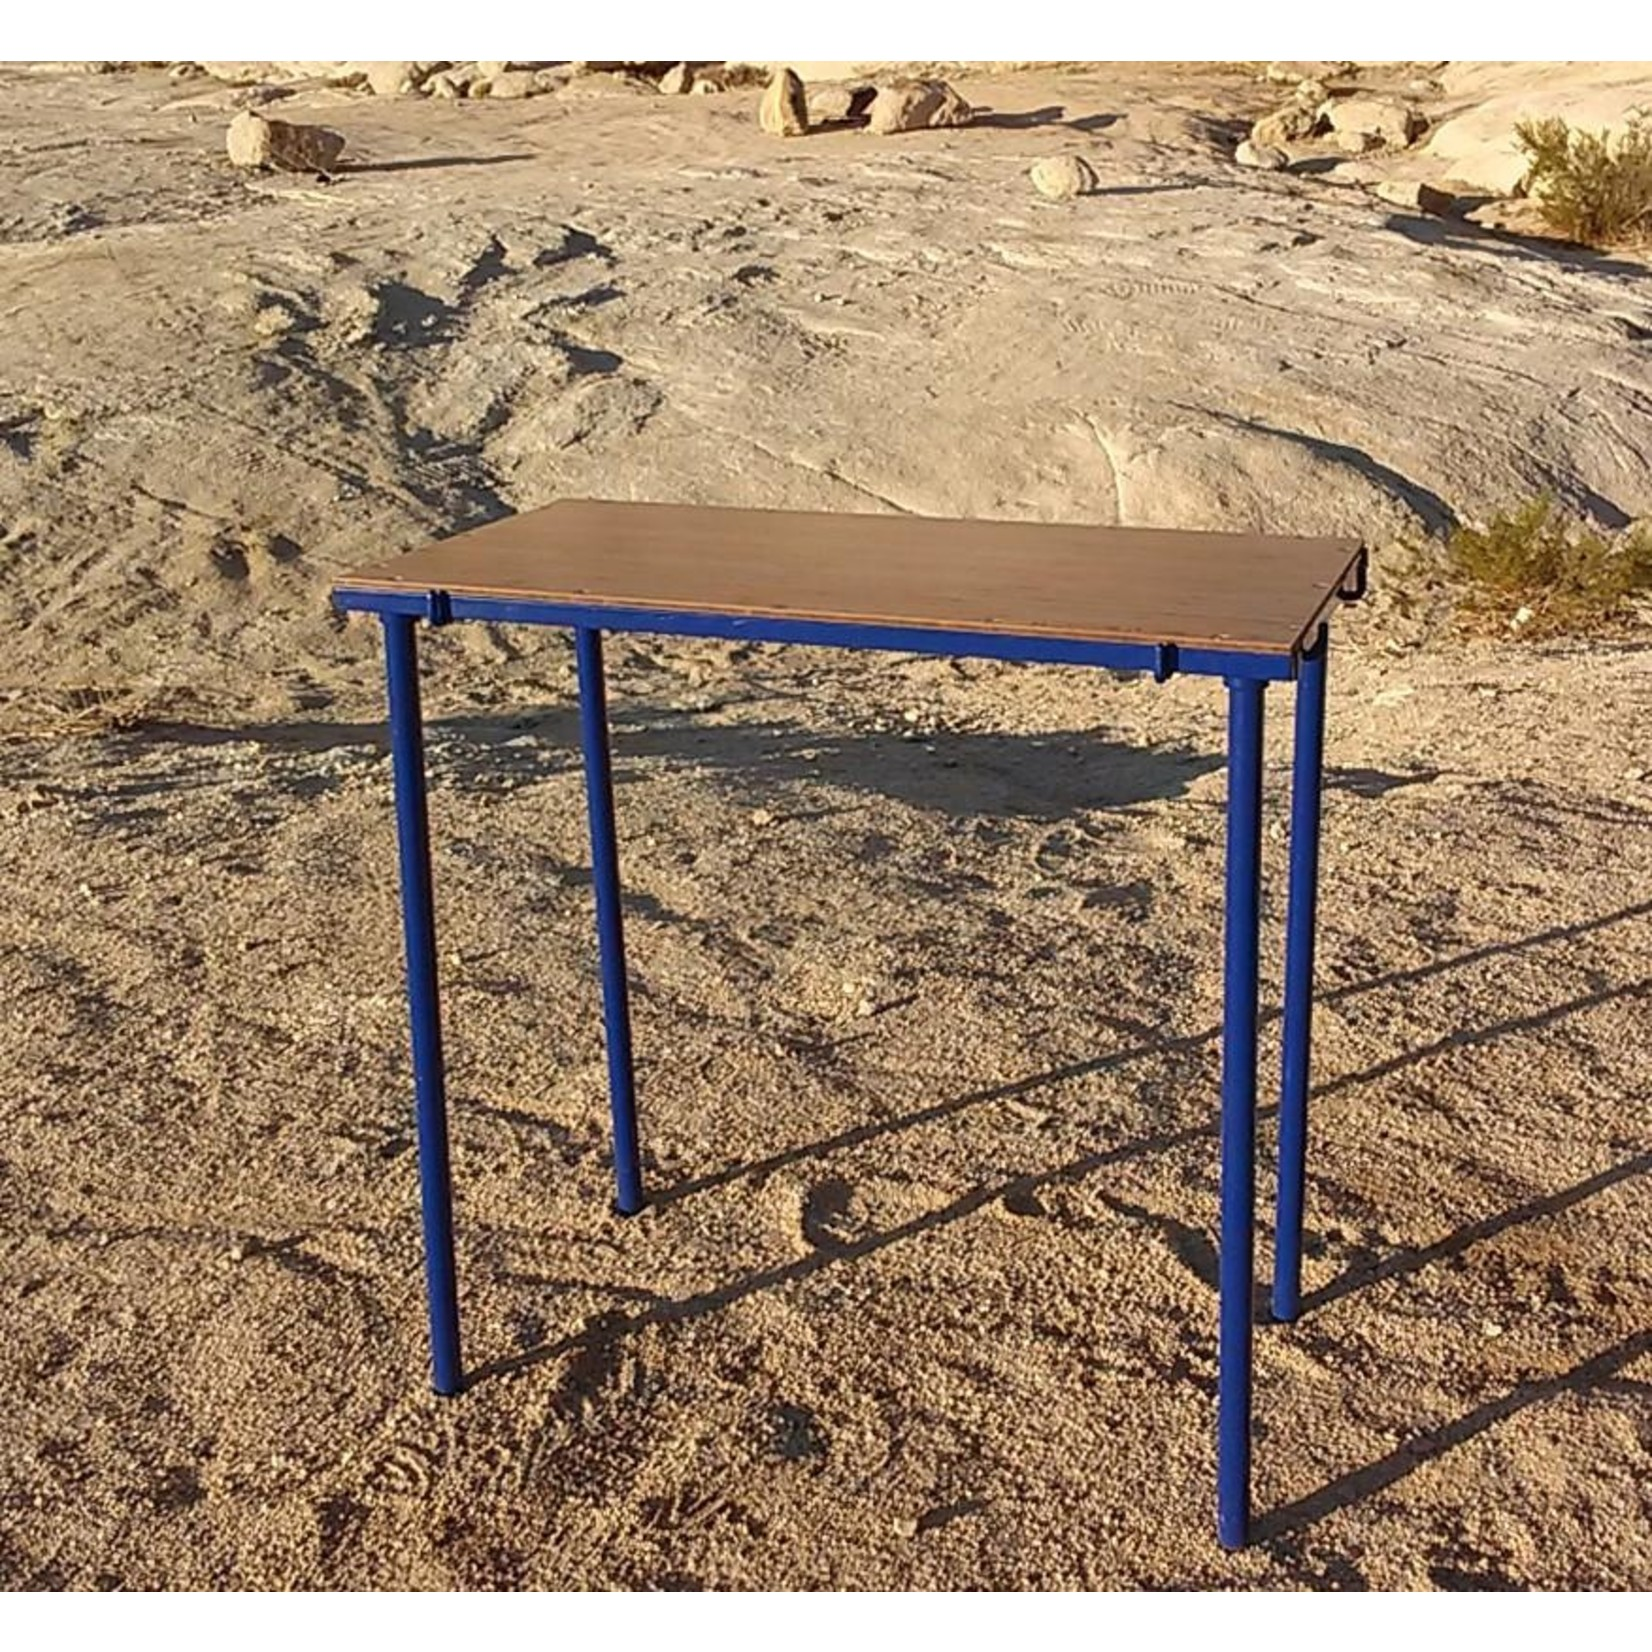 Tembo Tusk Tembo Tusk Camp Table Kit